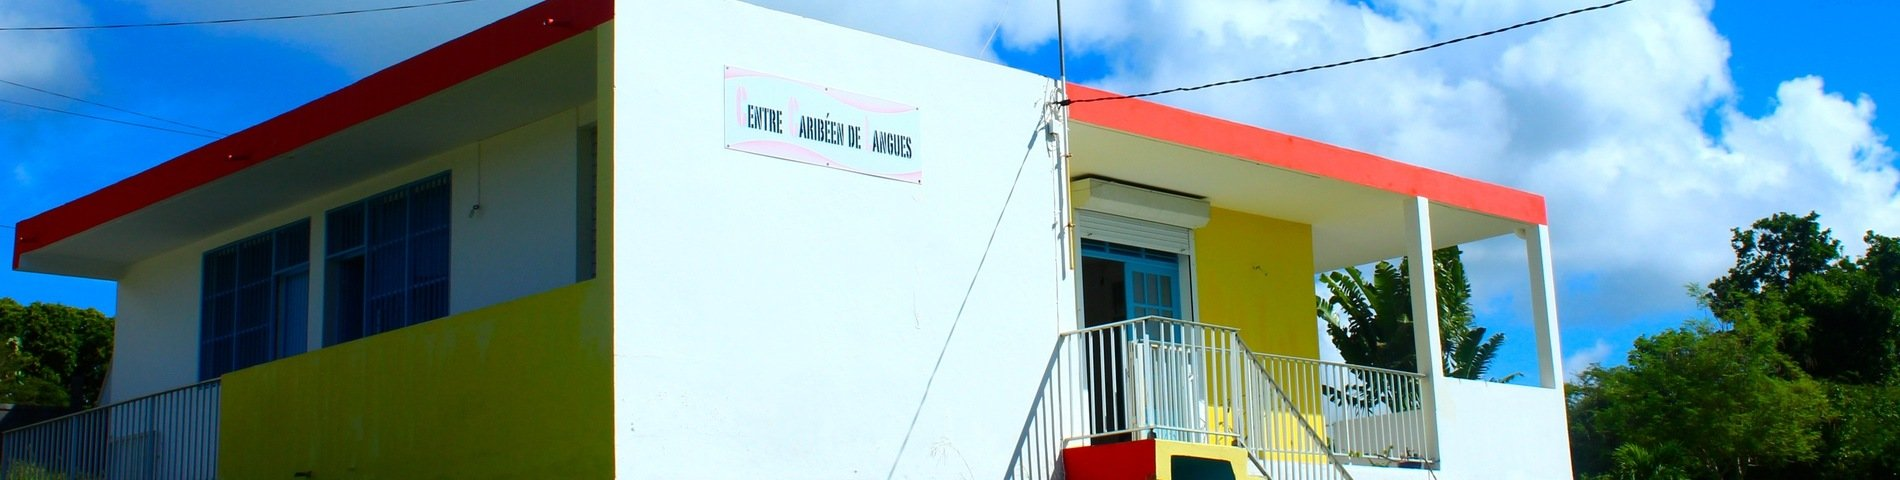 Imatge 1 de l'escola Centre Caribéen de Langues